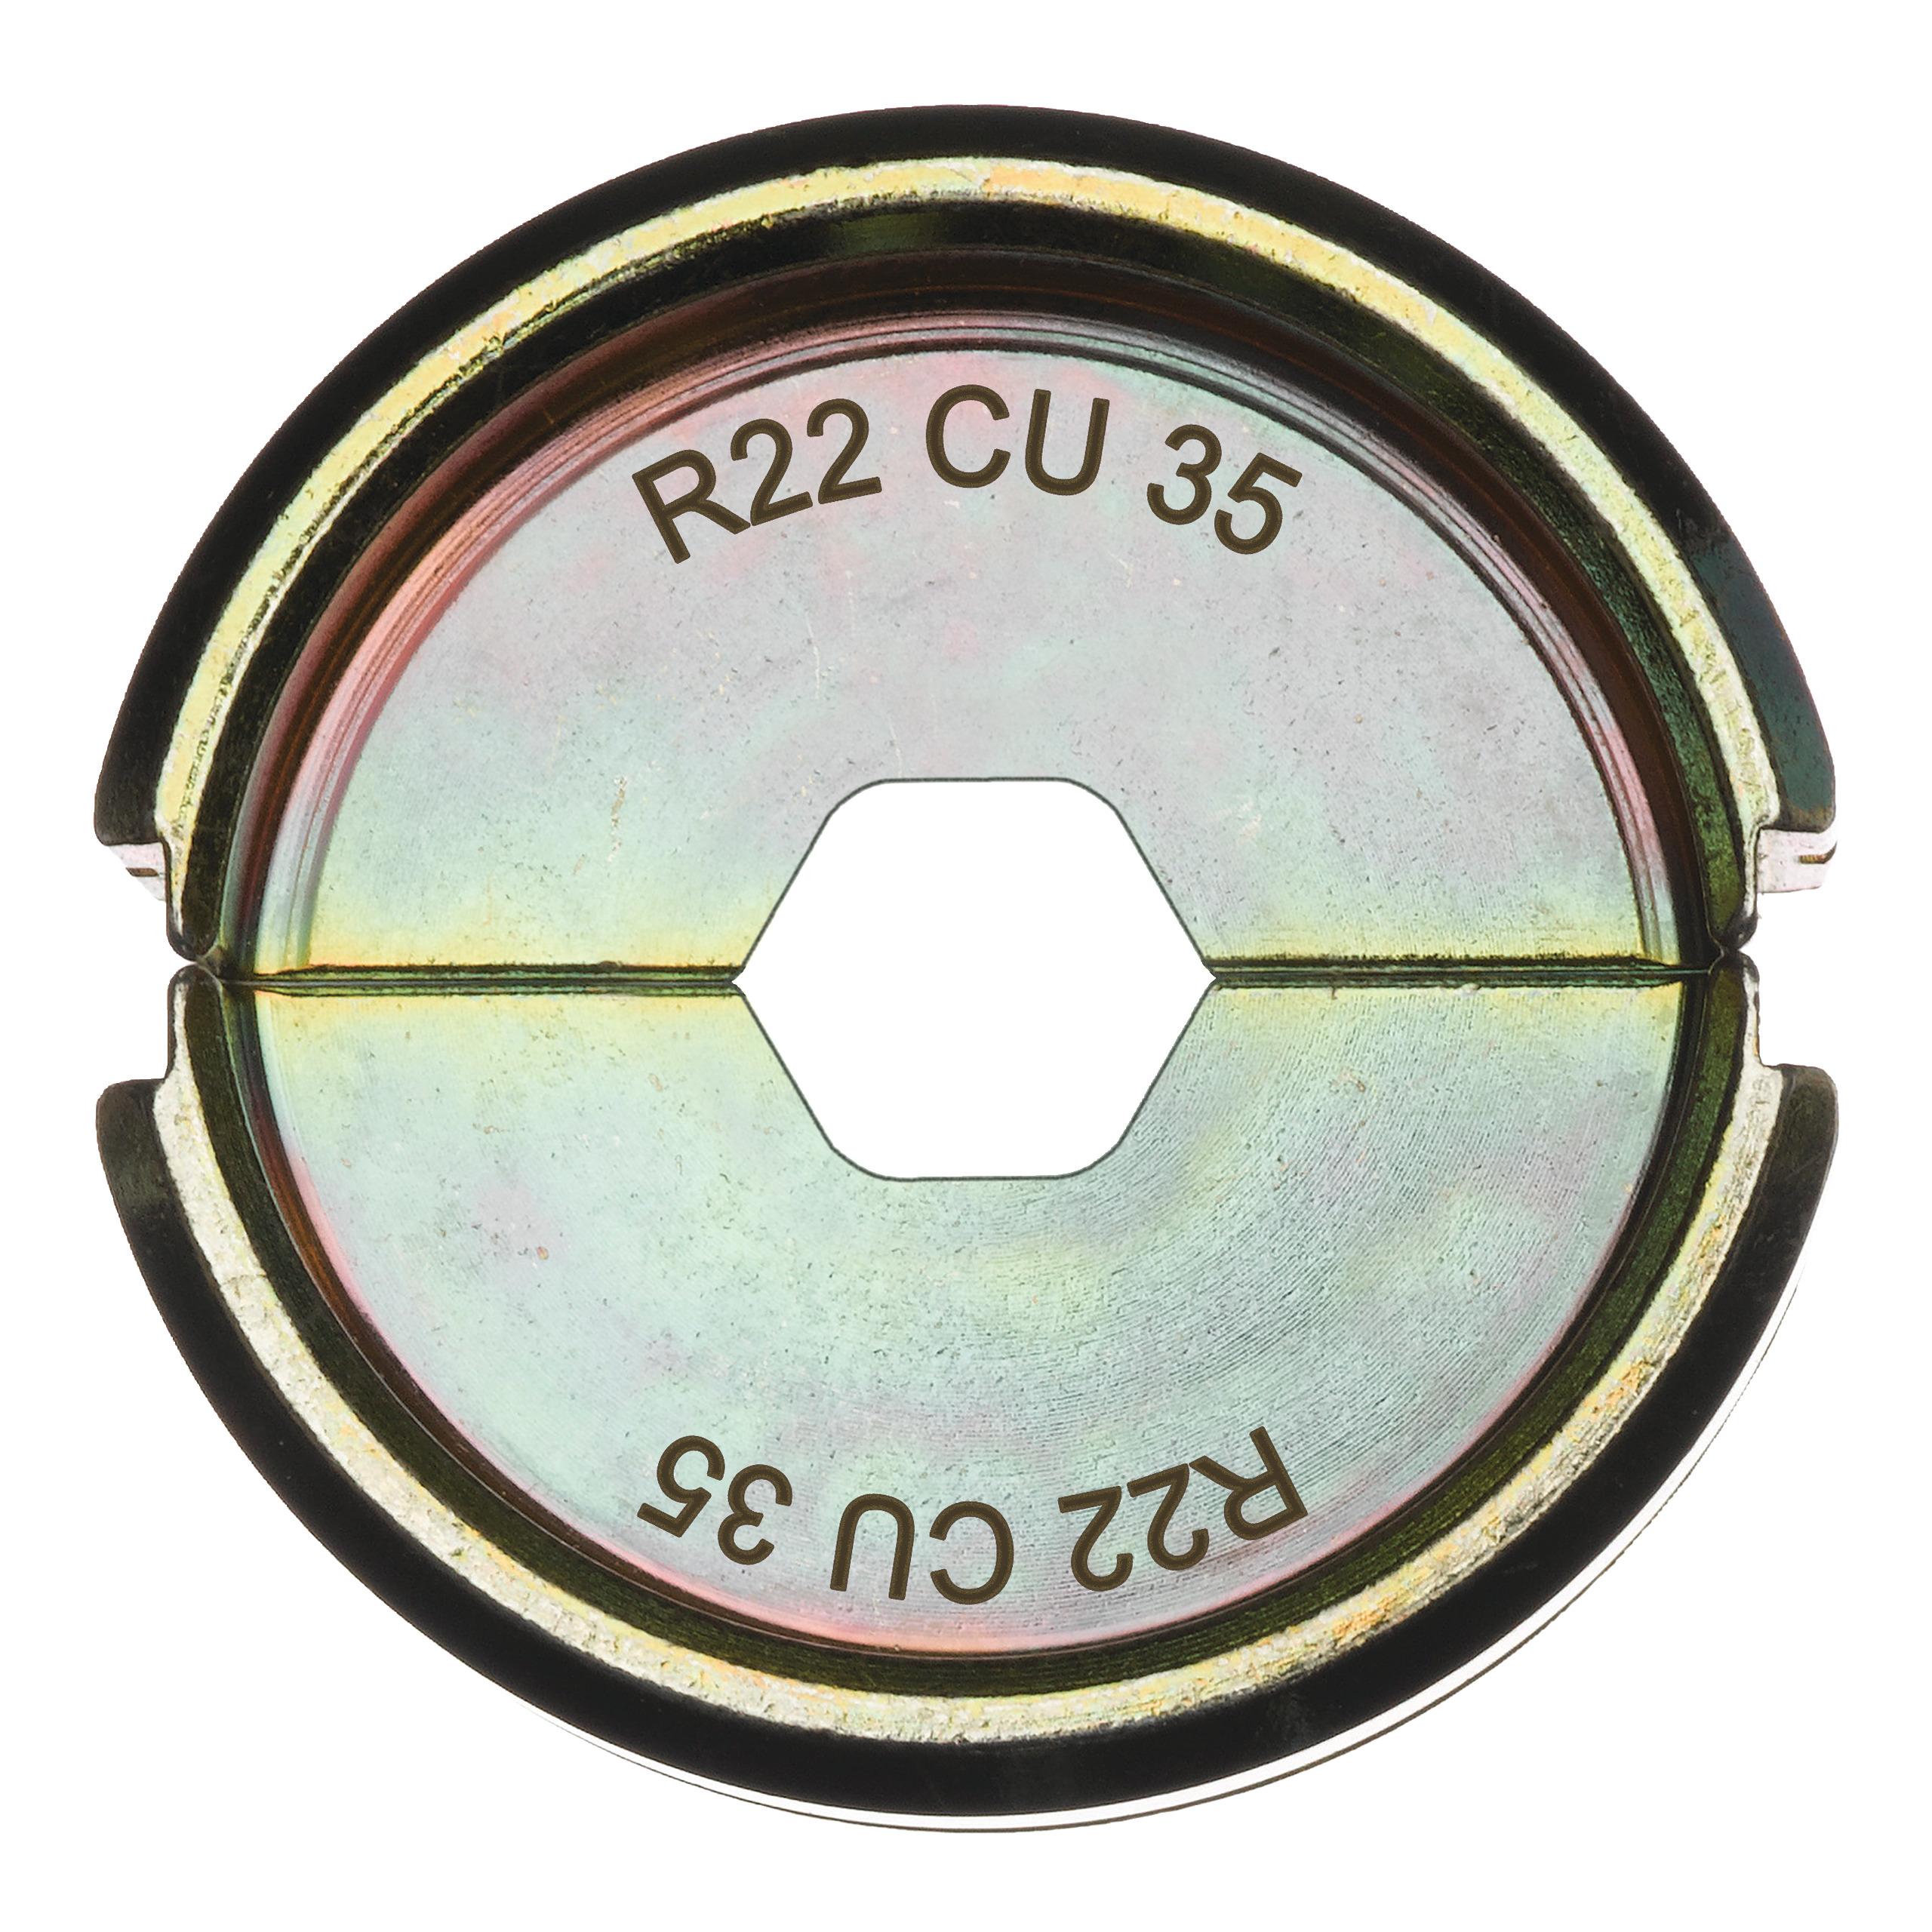 Krimpovací čelisti  R22 Cu 35